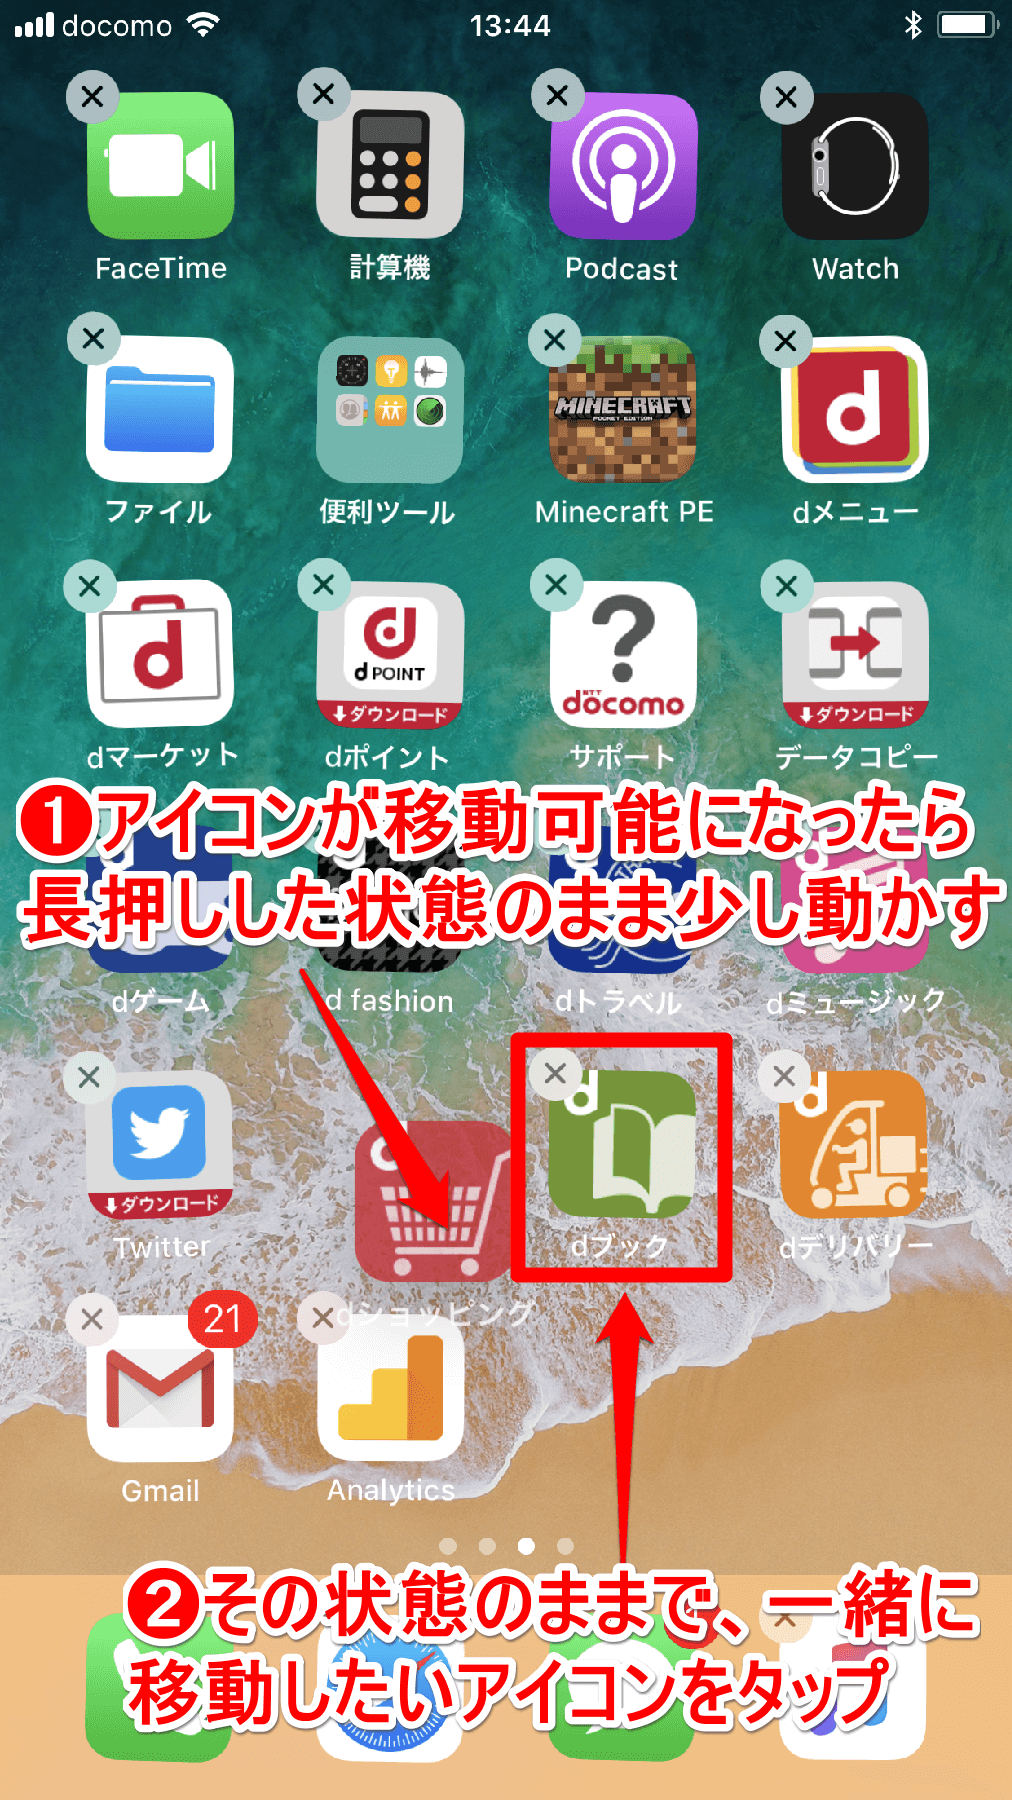 iPhone(アイフォン、アイフォーン)のホーム画面でアイコンを移動可能状態にした画面